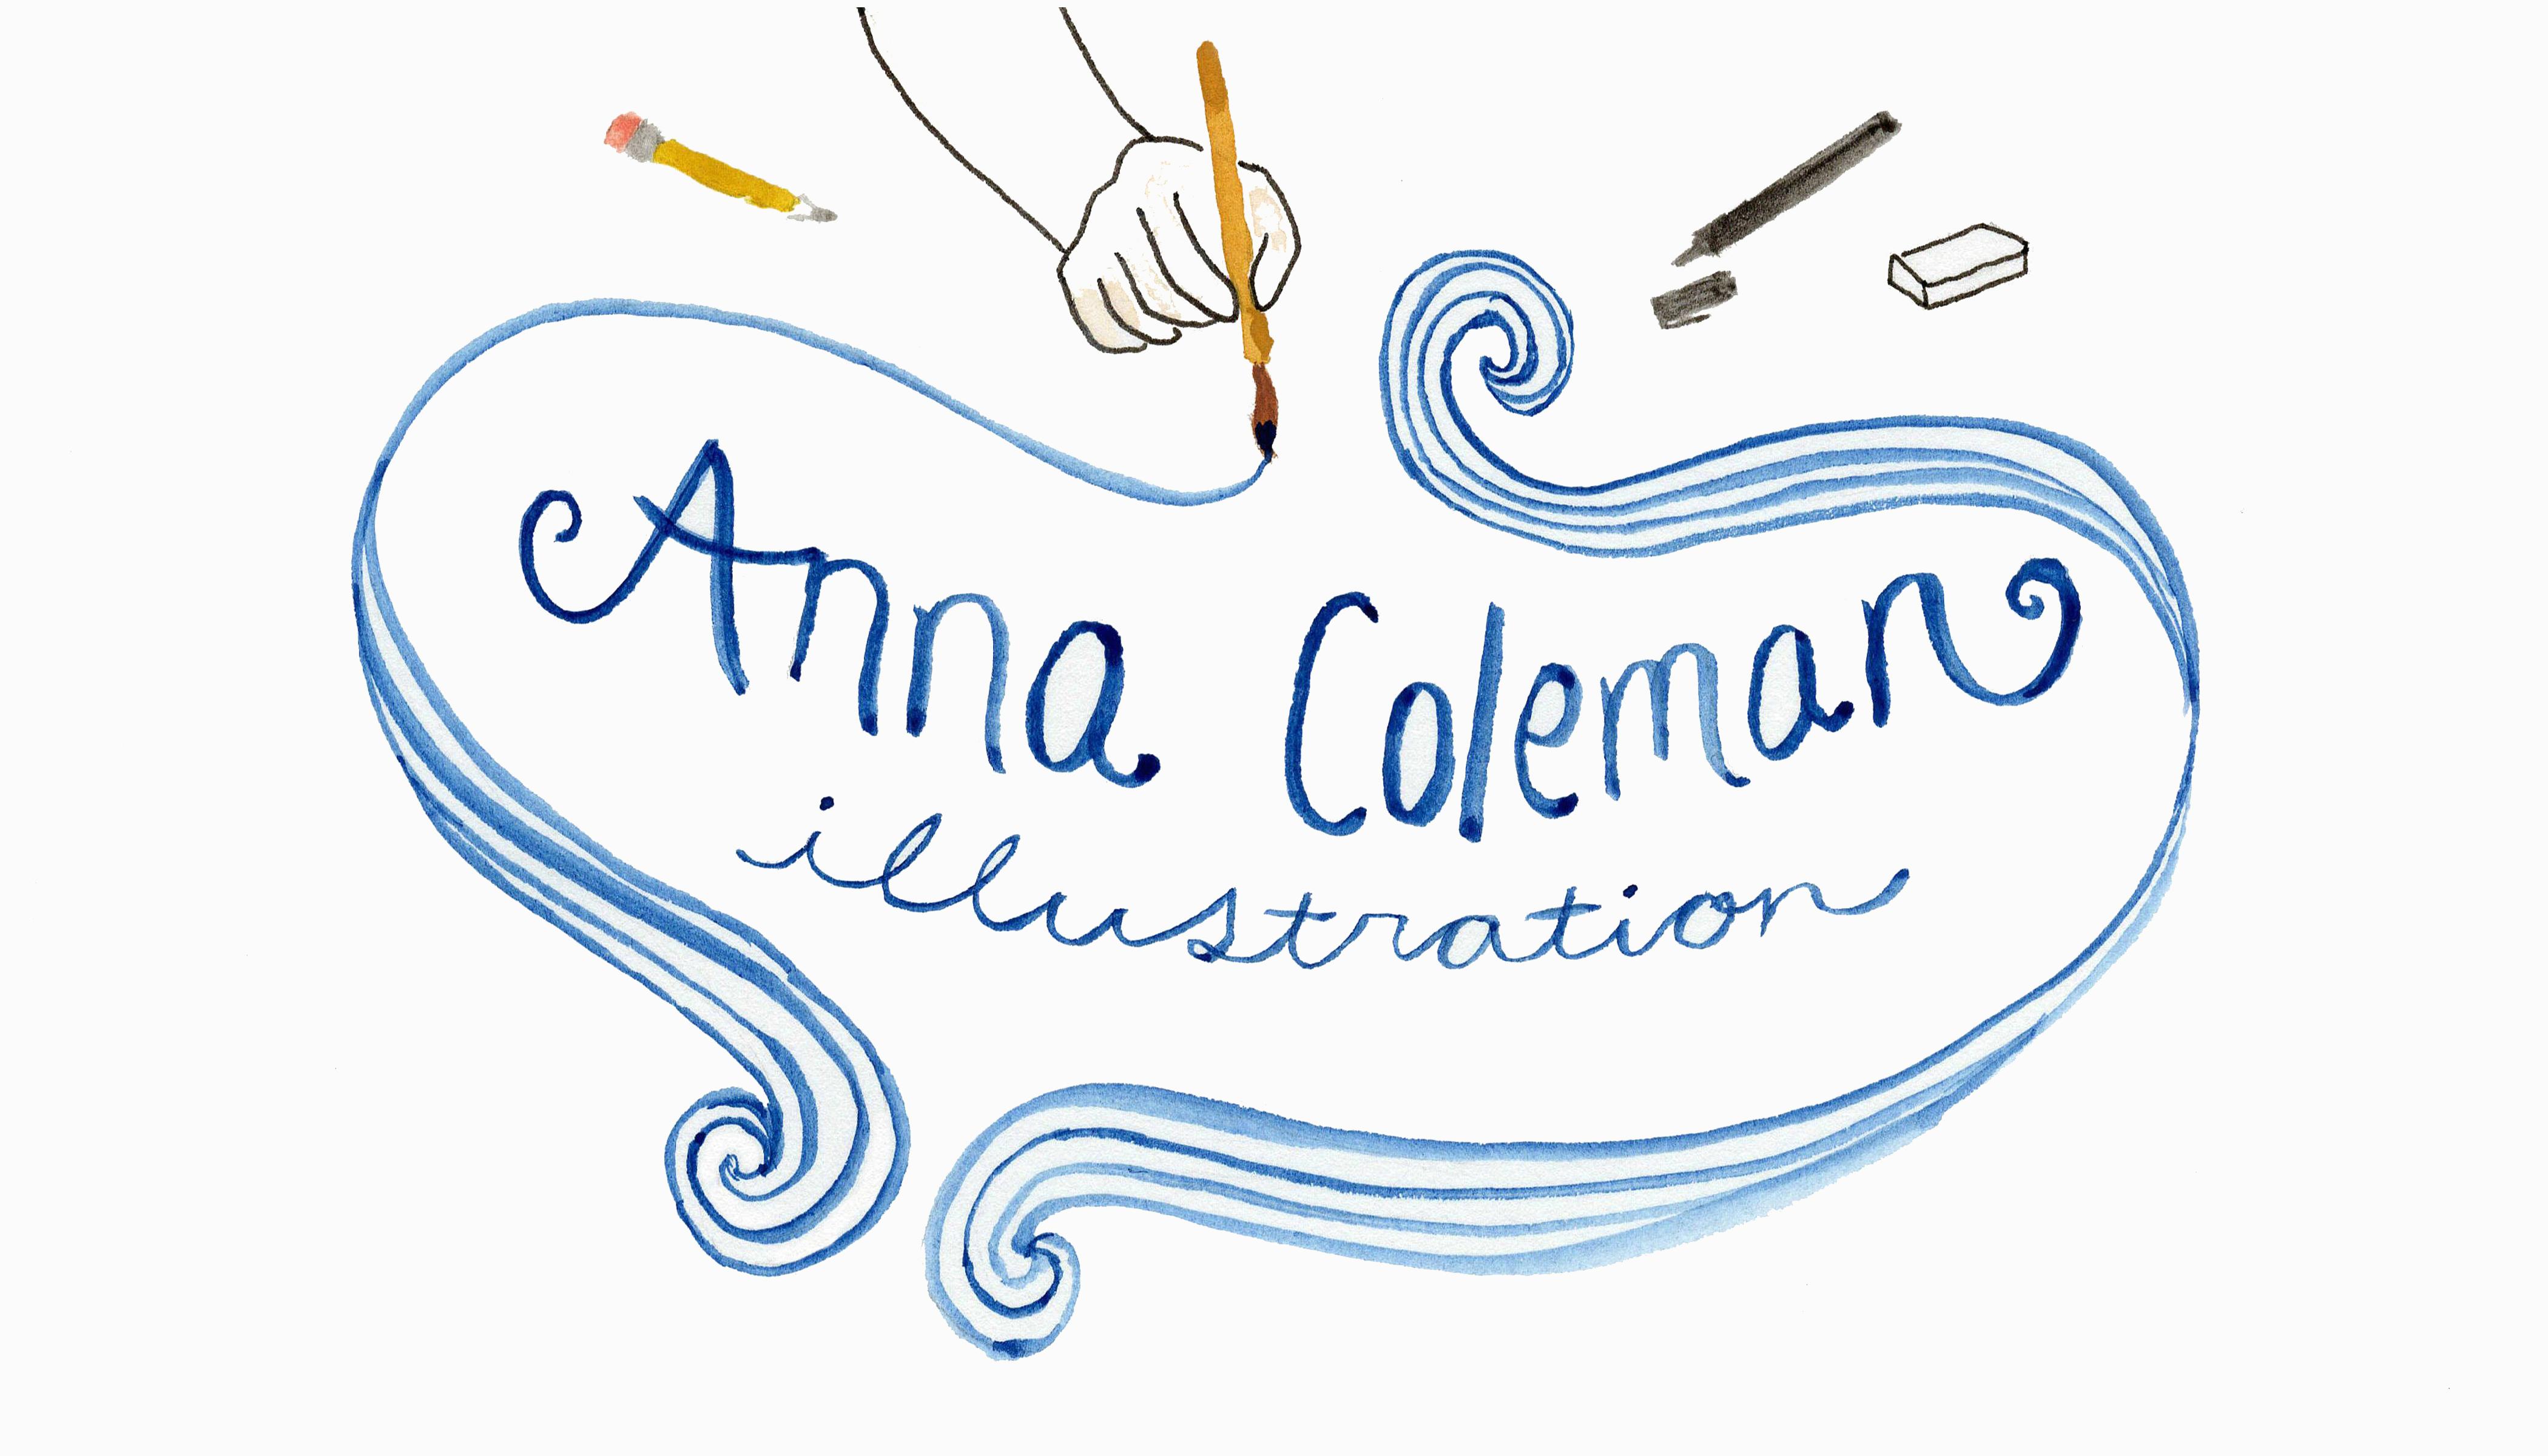 Anna Coleman's Signature